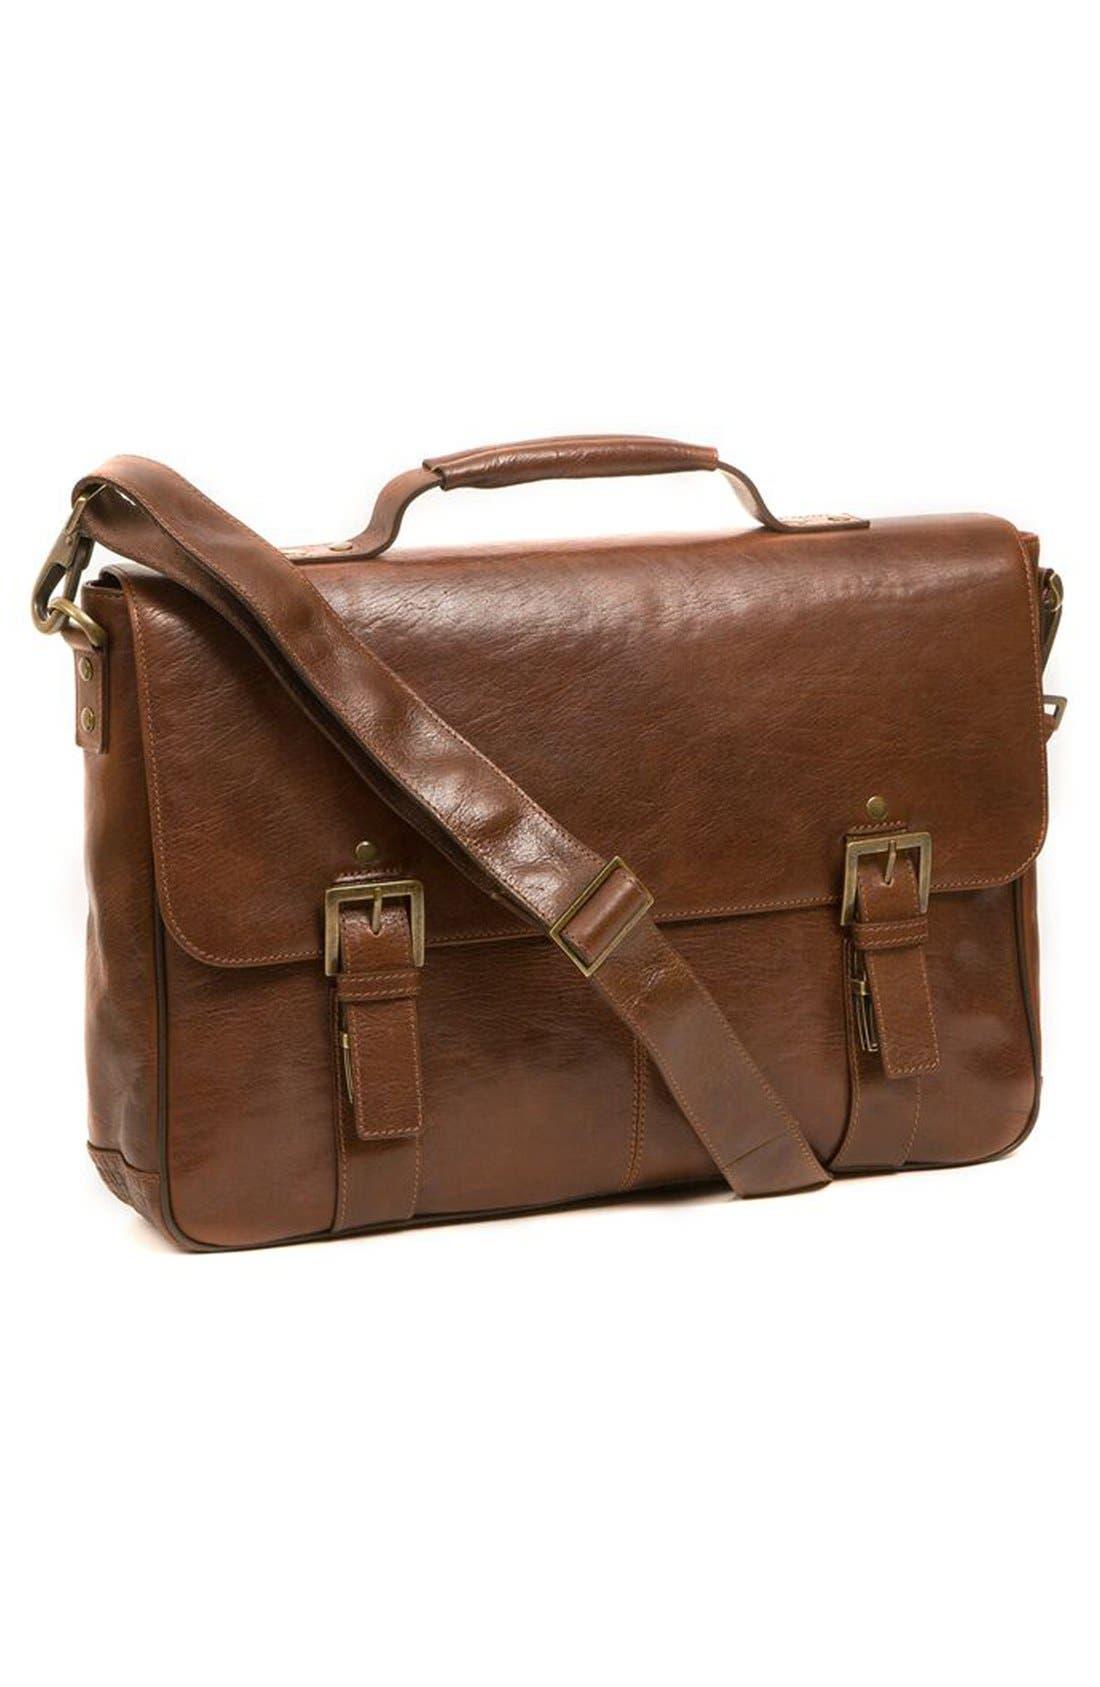 'Becker' Leather Messenger Bag,                             Alternate thumbnail 4, color,                             Whiskey W/ Khaki